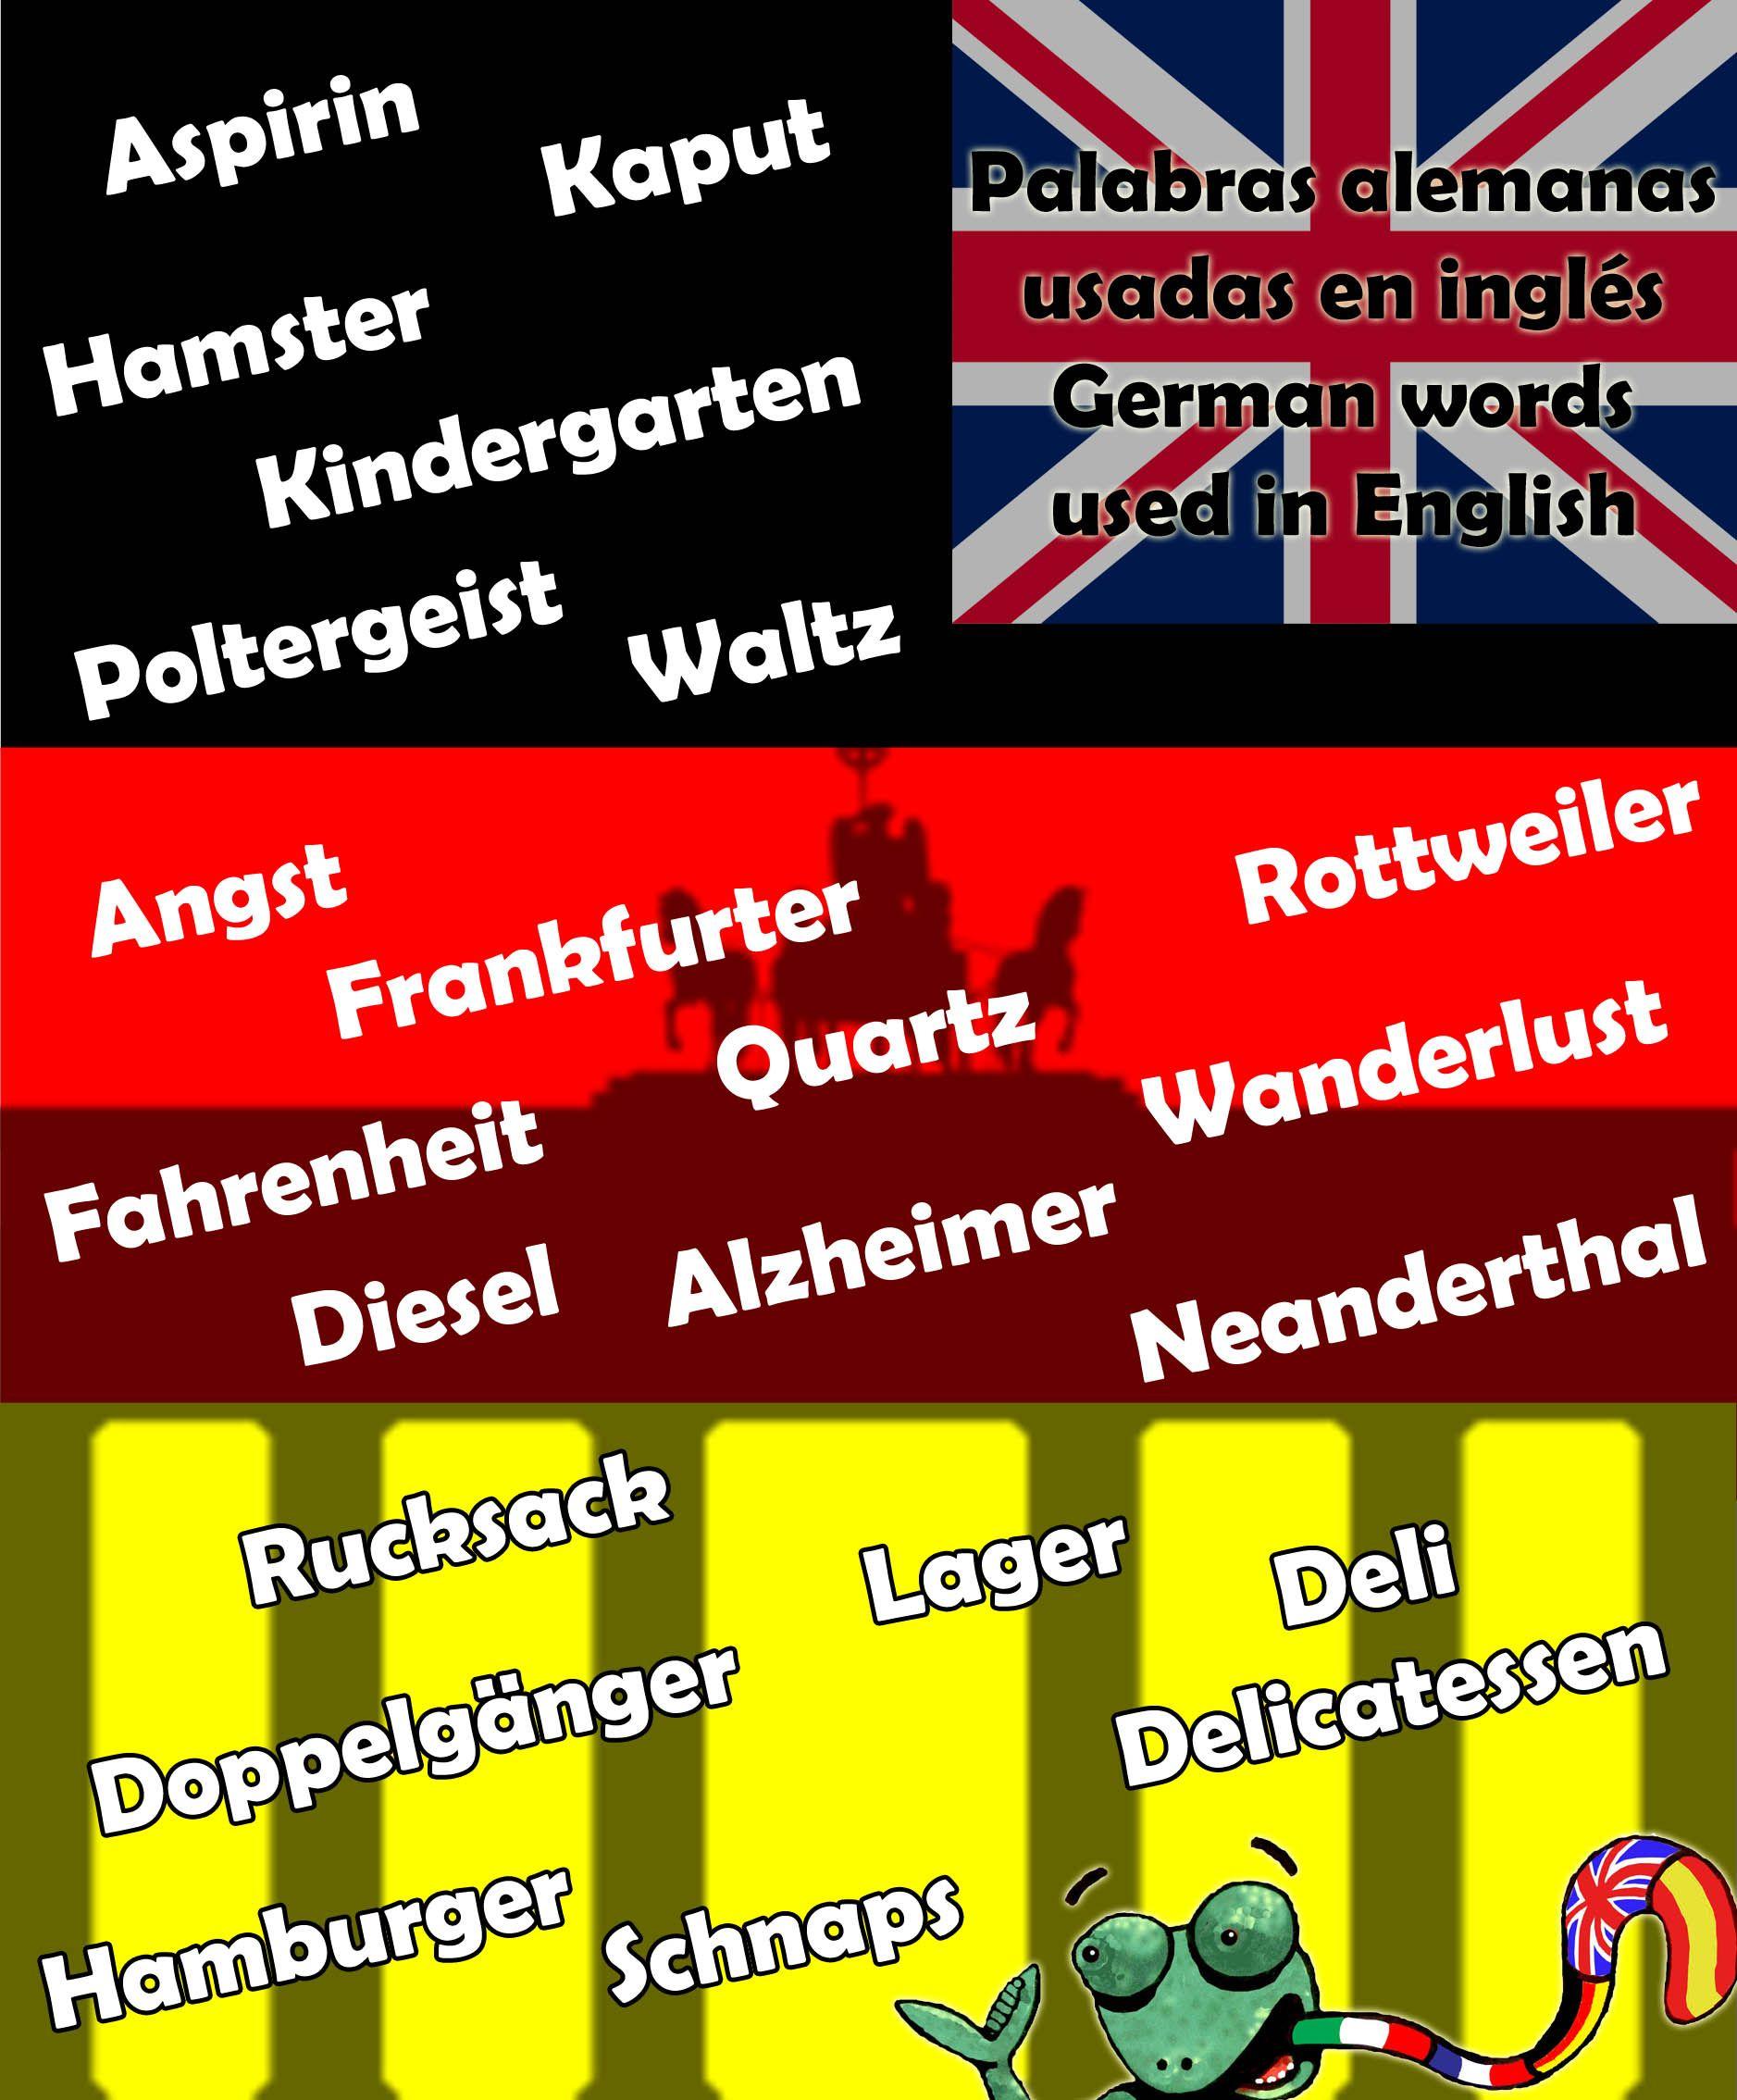 Ziemlich Gerund Phrase Arbeitsblatt Fotos - Arbeitsblatt Schule ...